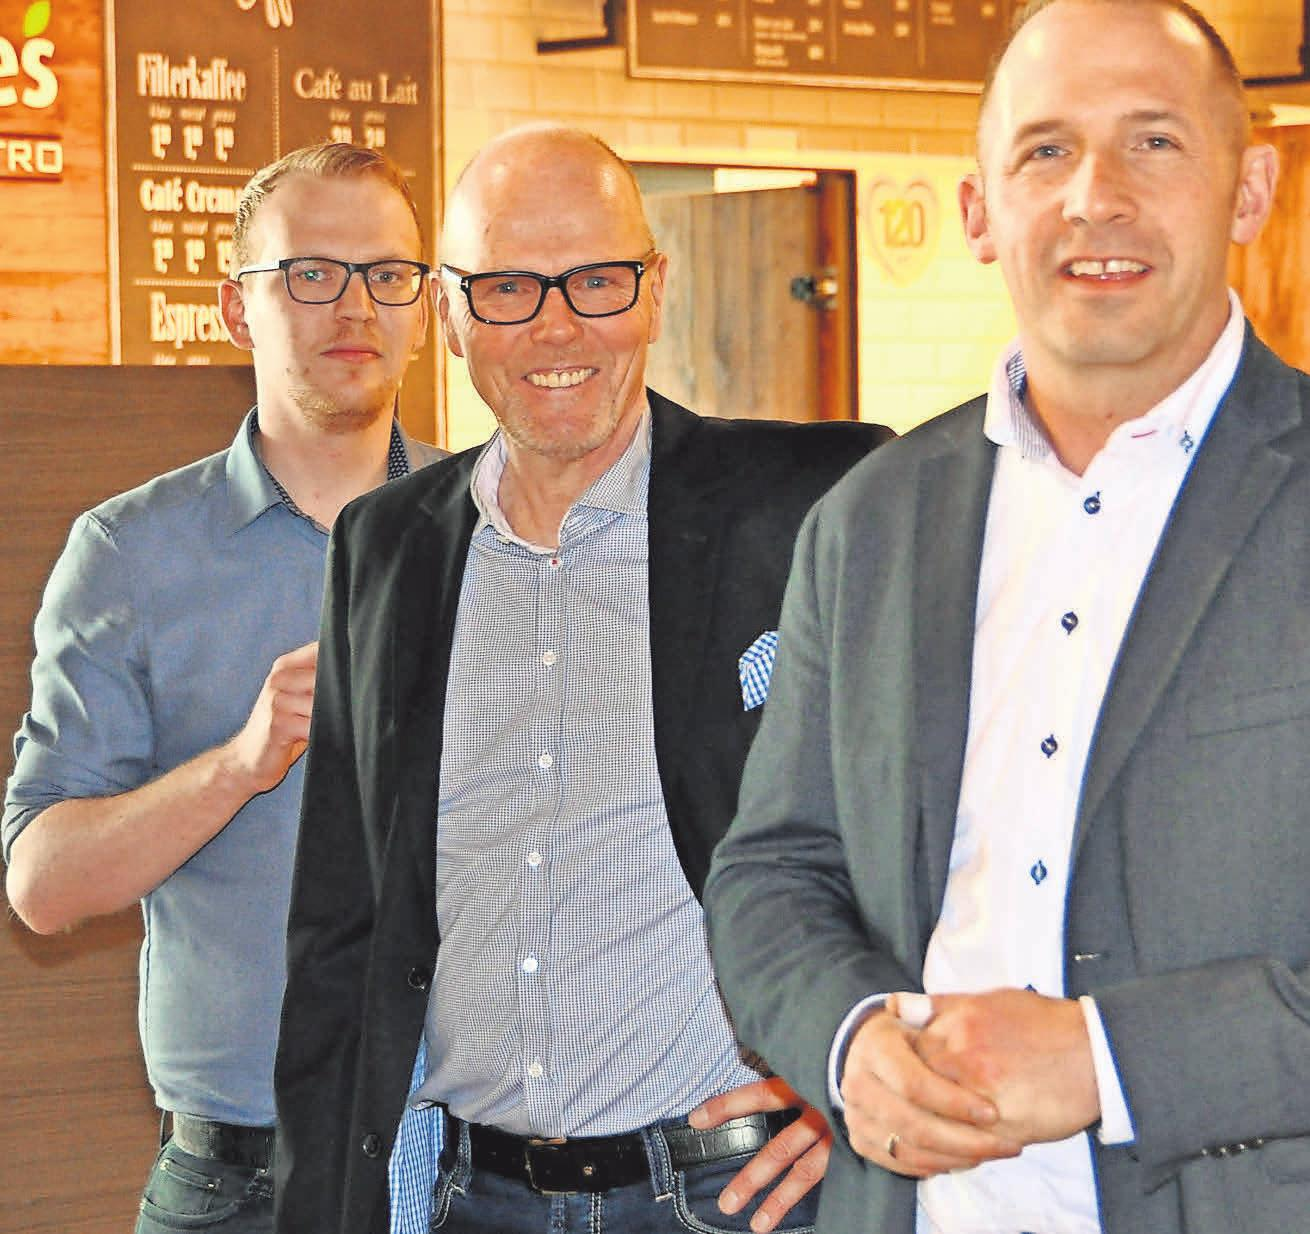 Stefan Ladage (Mitte), der Prokurist Steffen Döring und Philipp Ladage, der Sohn des Inhabers, bedanken sich für den großartigen Einsatz ihres Teams, aber auch für das Vertrauen ihrer Kunden